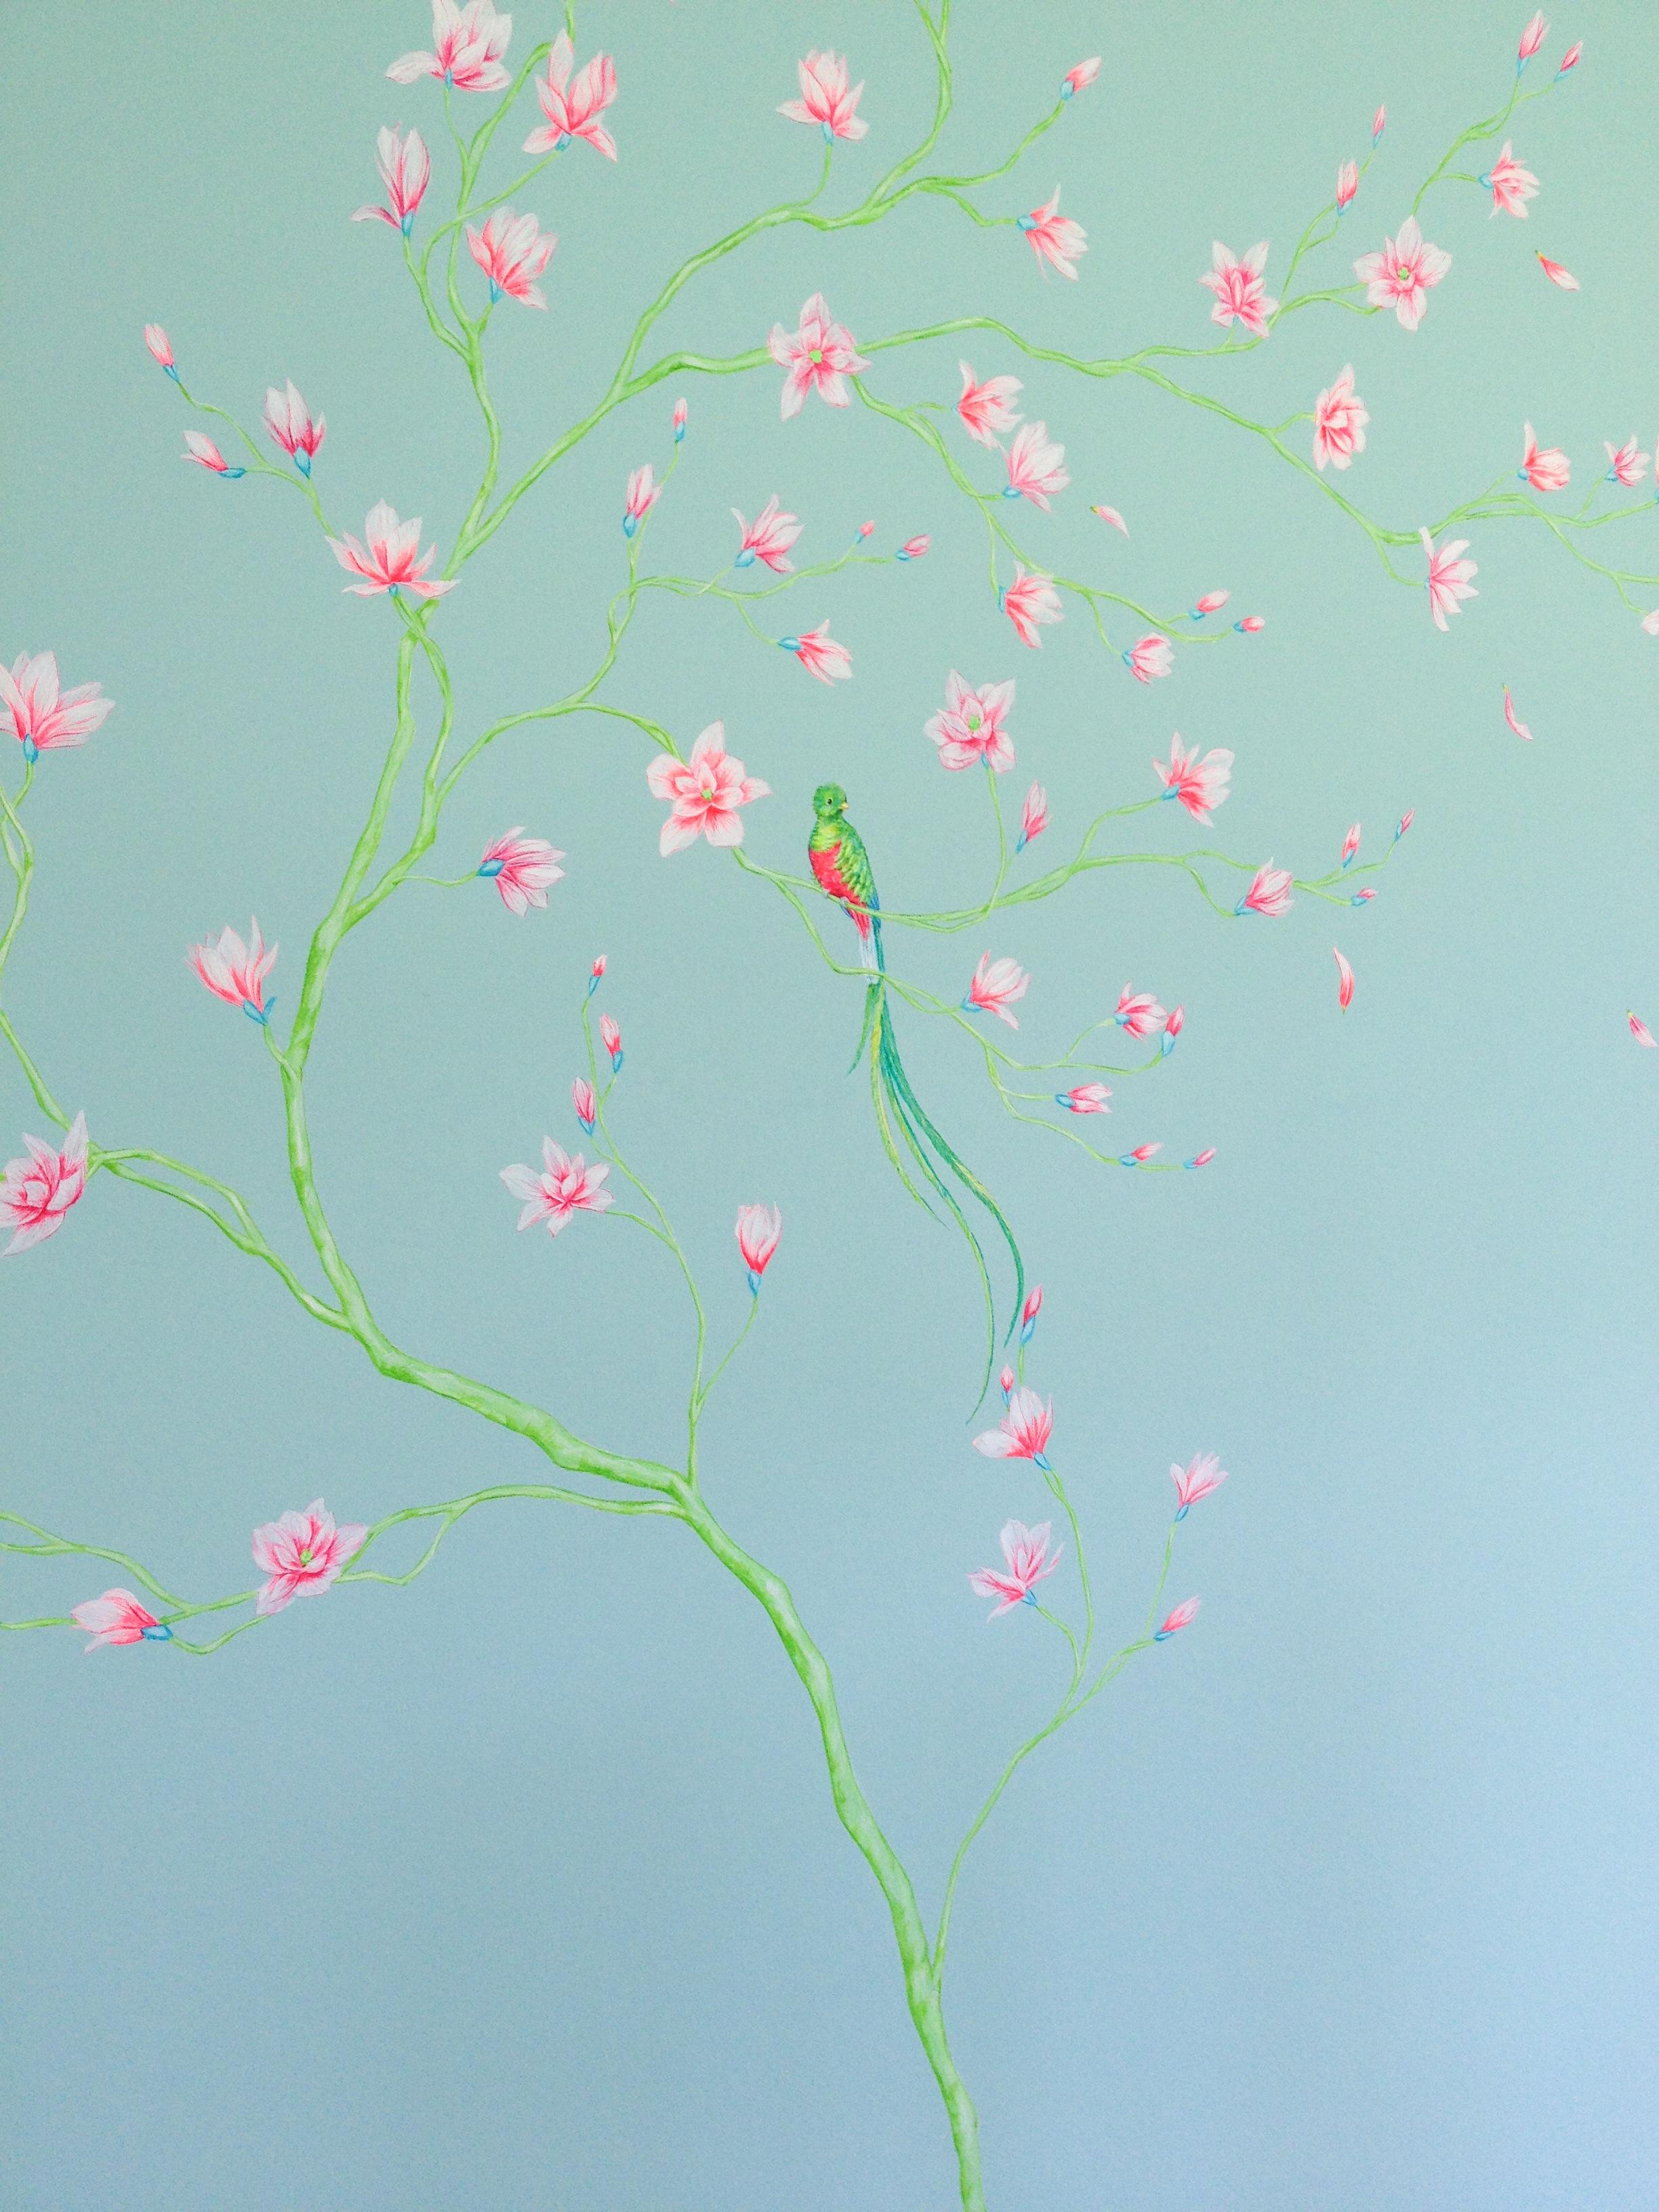 cozmo JENKS milliner- bedroom mural - detail 1 -Frederick Wimsett - murals and artistic design - WALLS .JPG